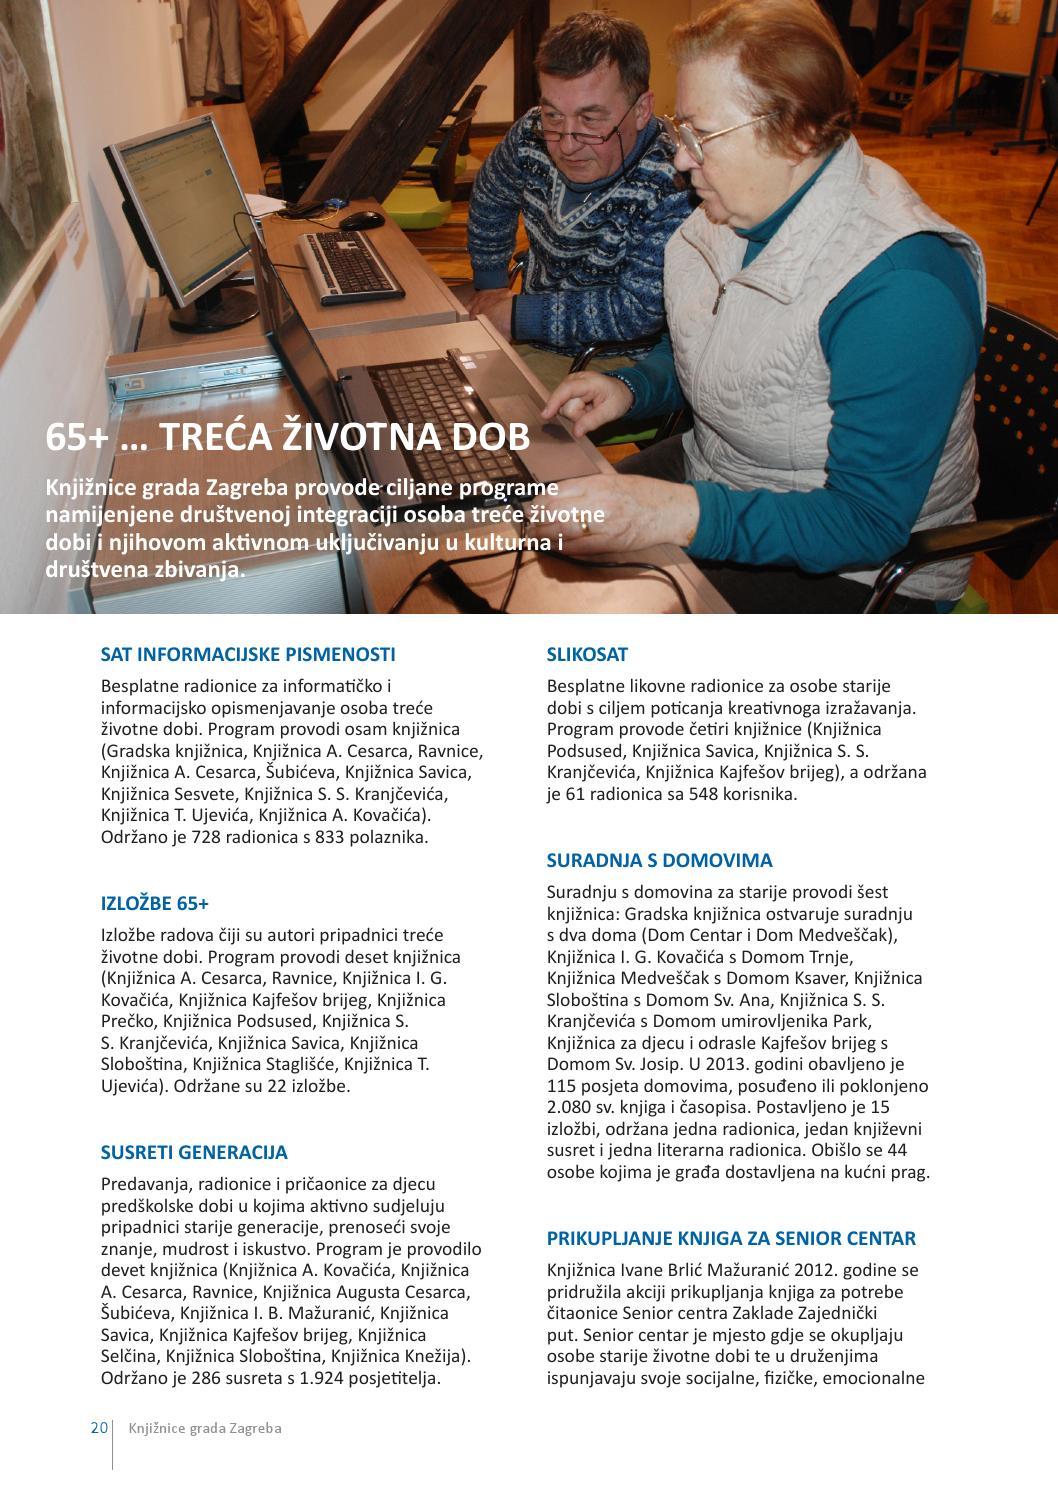 Izvjestaj O Radu Knjiznica Grada Zagreba Za 2013 Godinu By